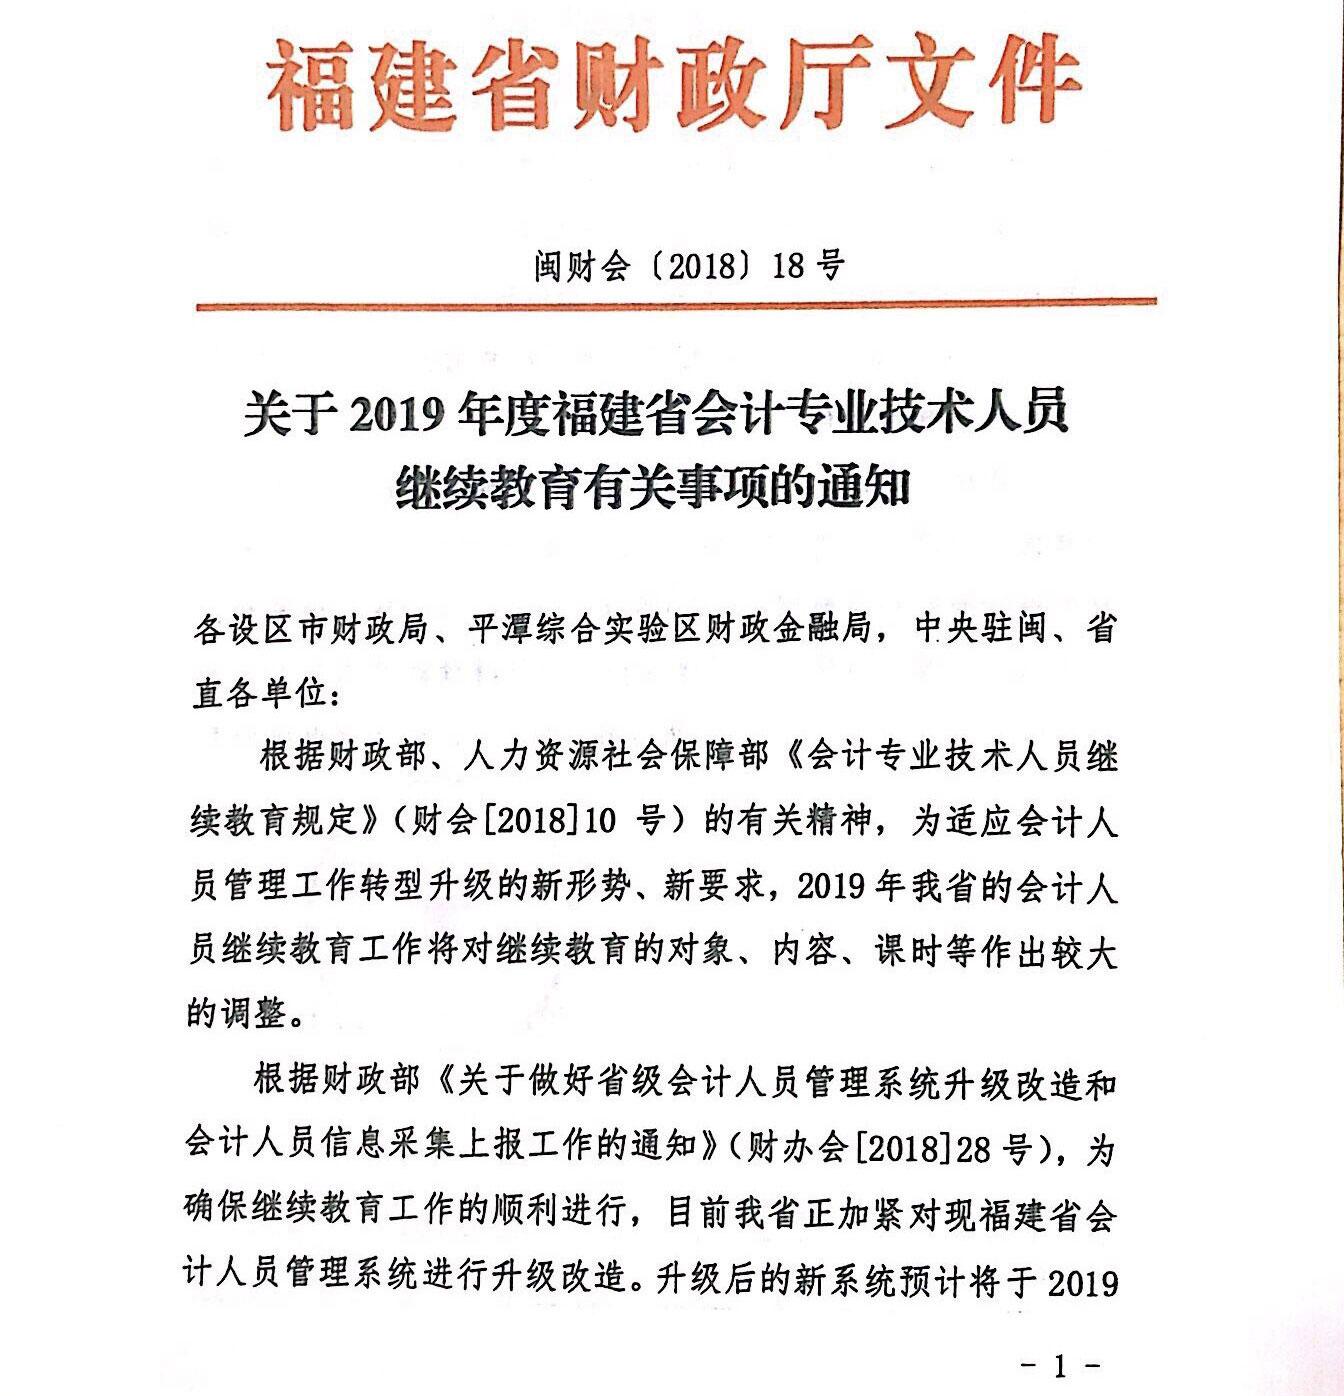 2019年福建省会计人员继续教育报名时间1